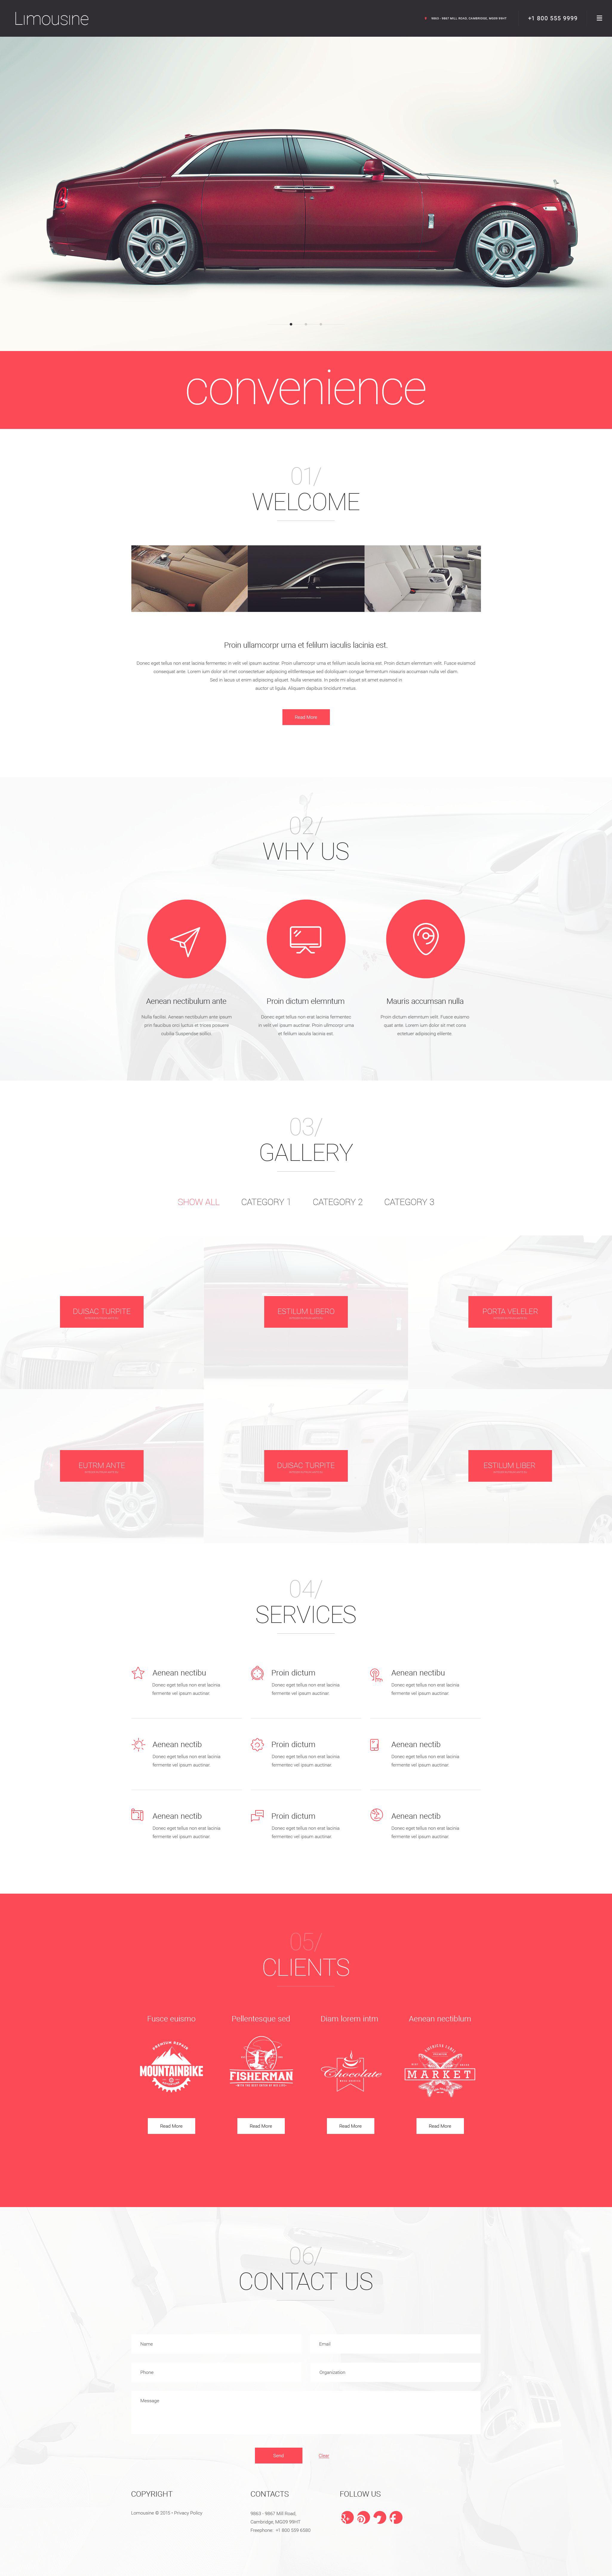 Limousine №55049 - скриншот